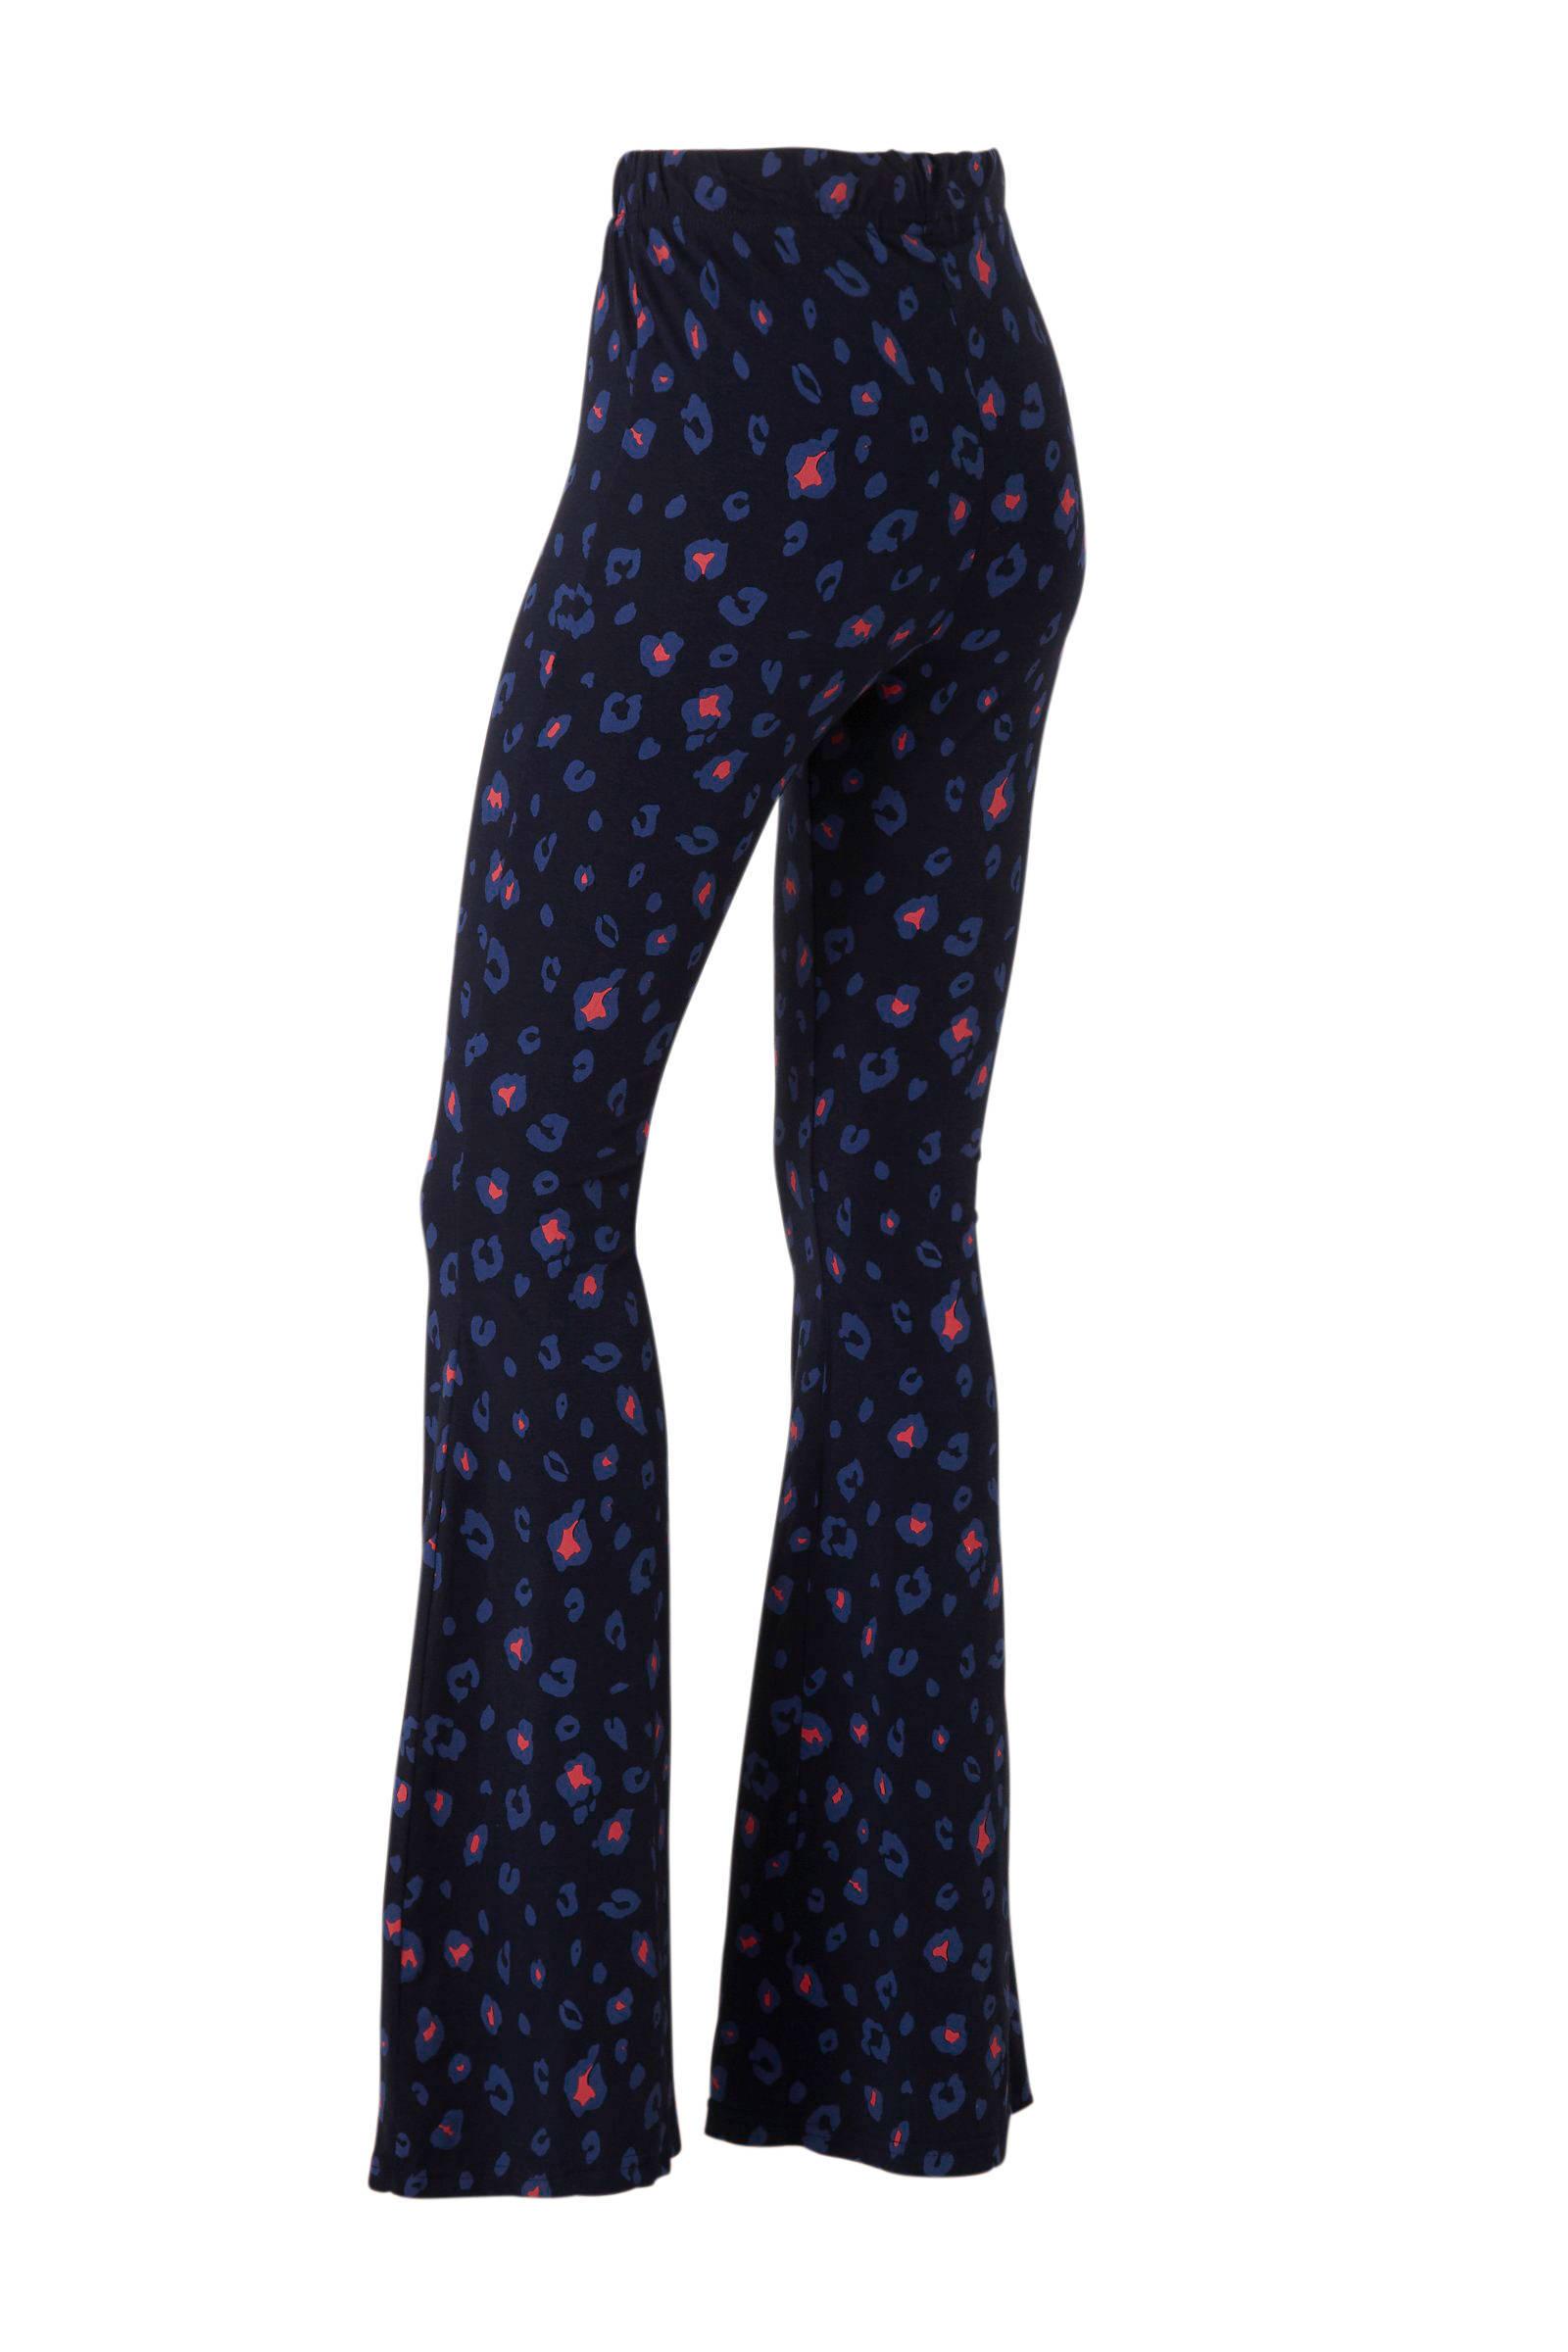 Colourful Rebel high waist flared broek met panterprint